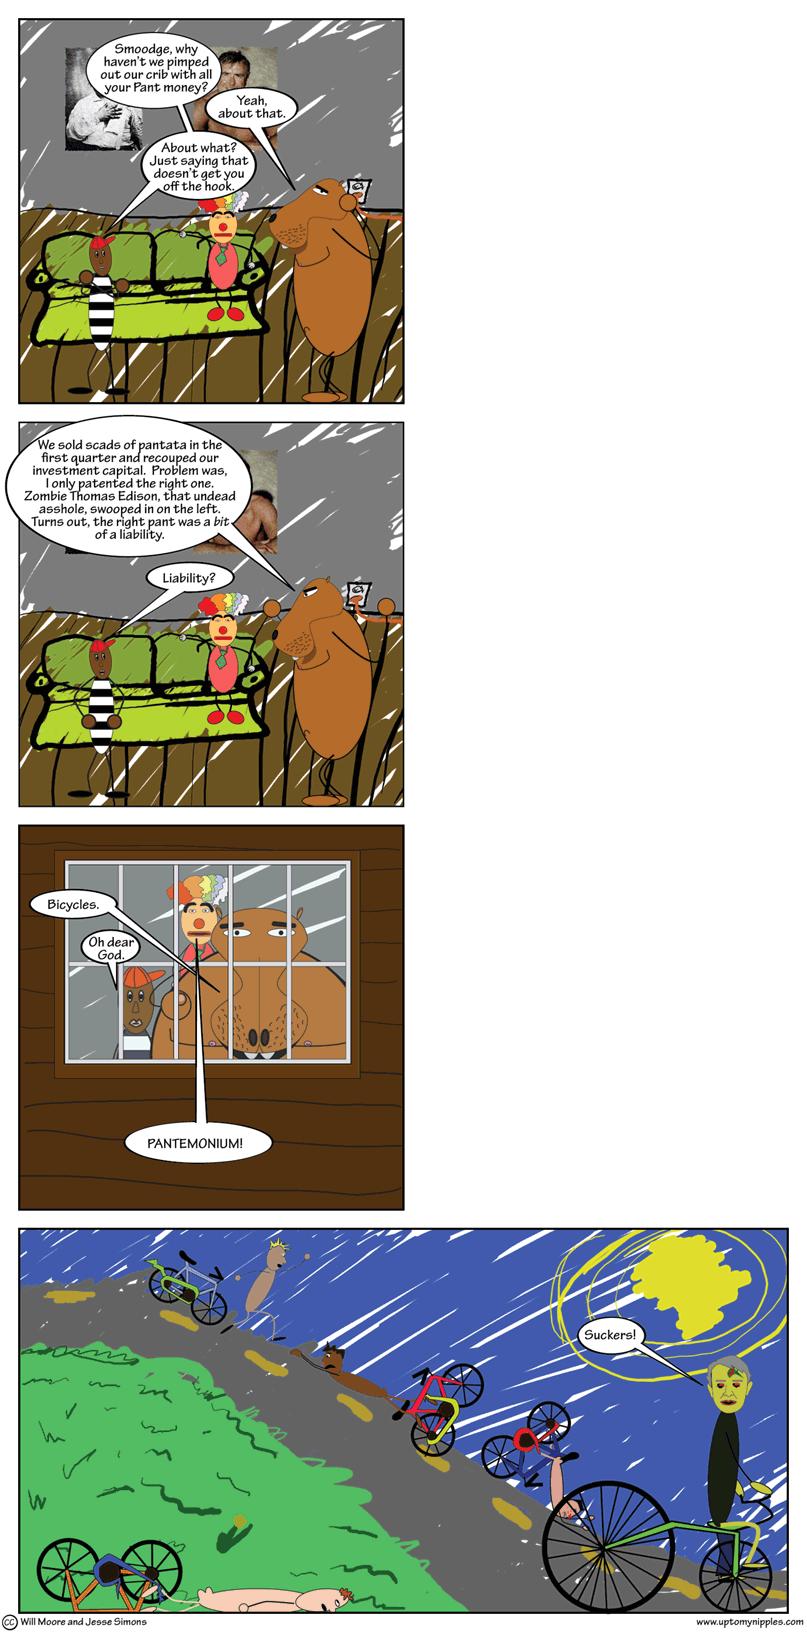 The Pant Profit comic